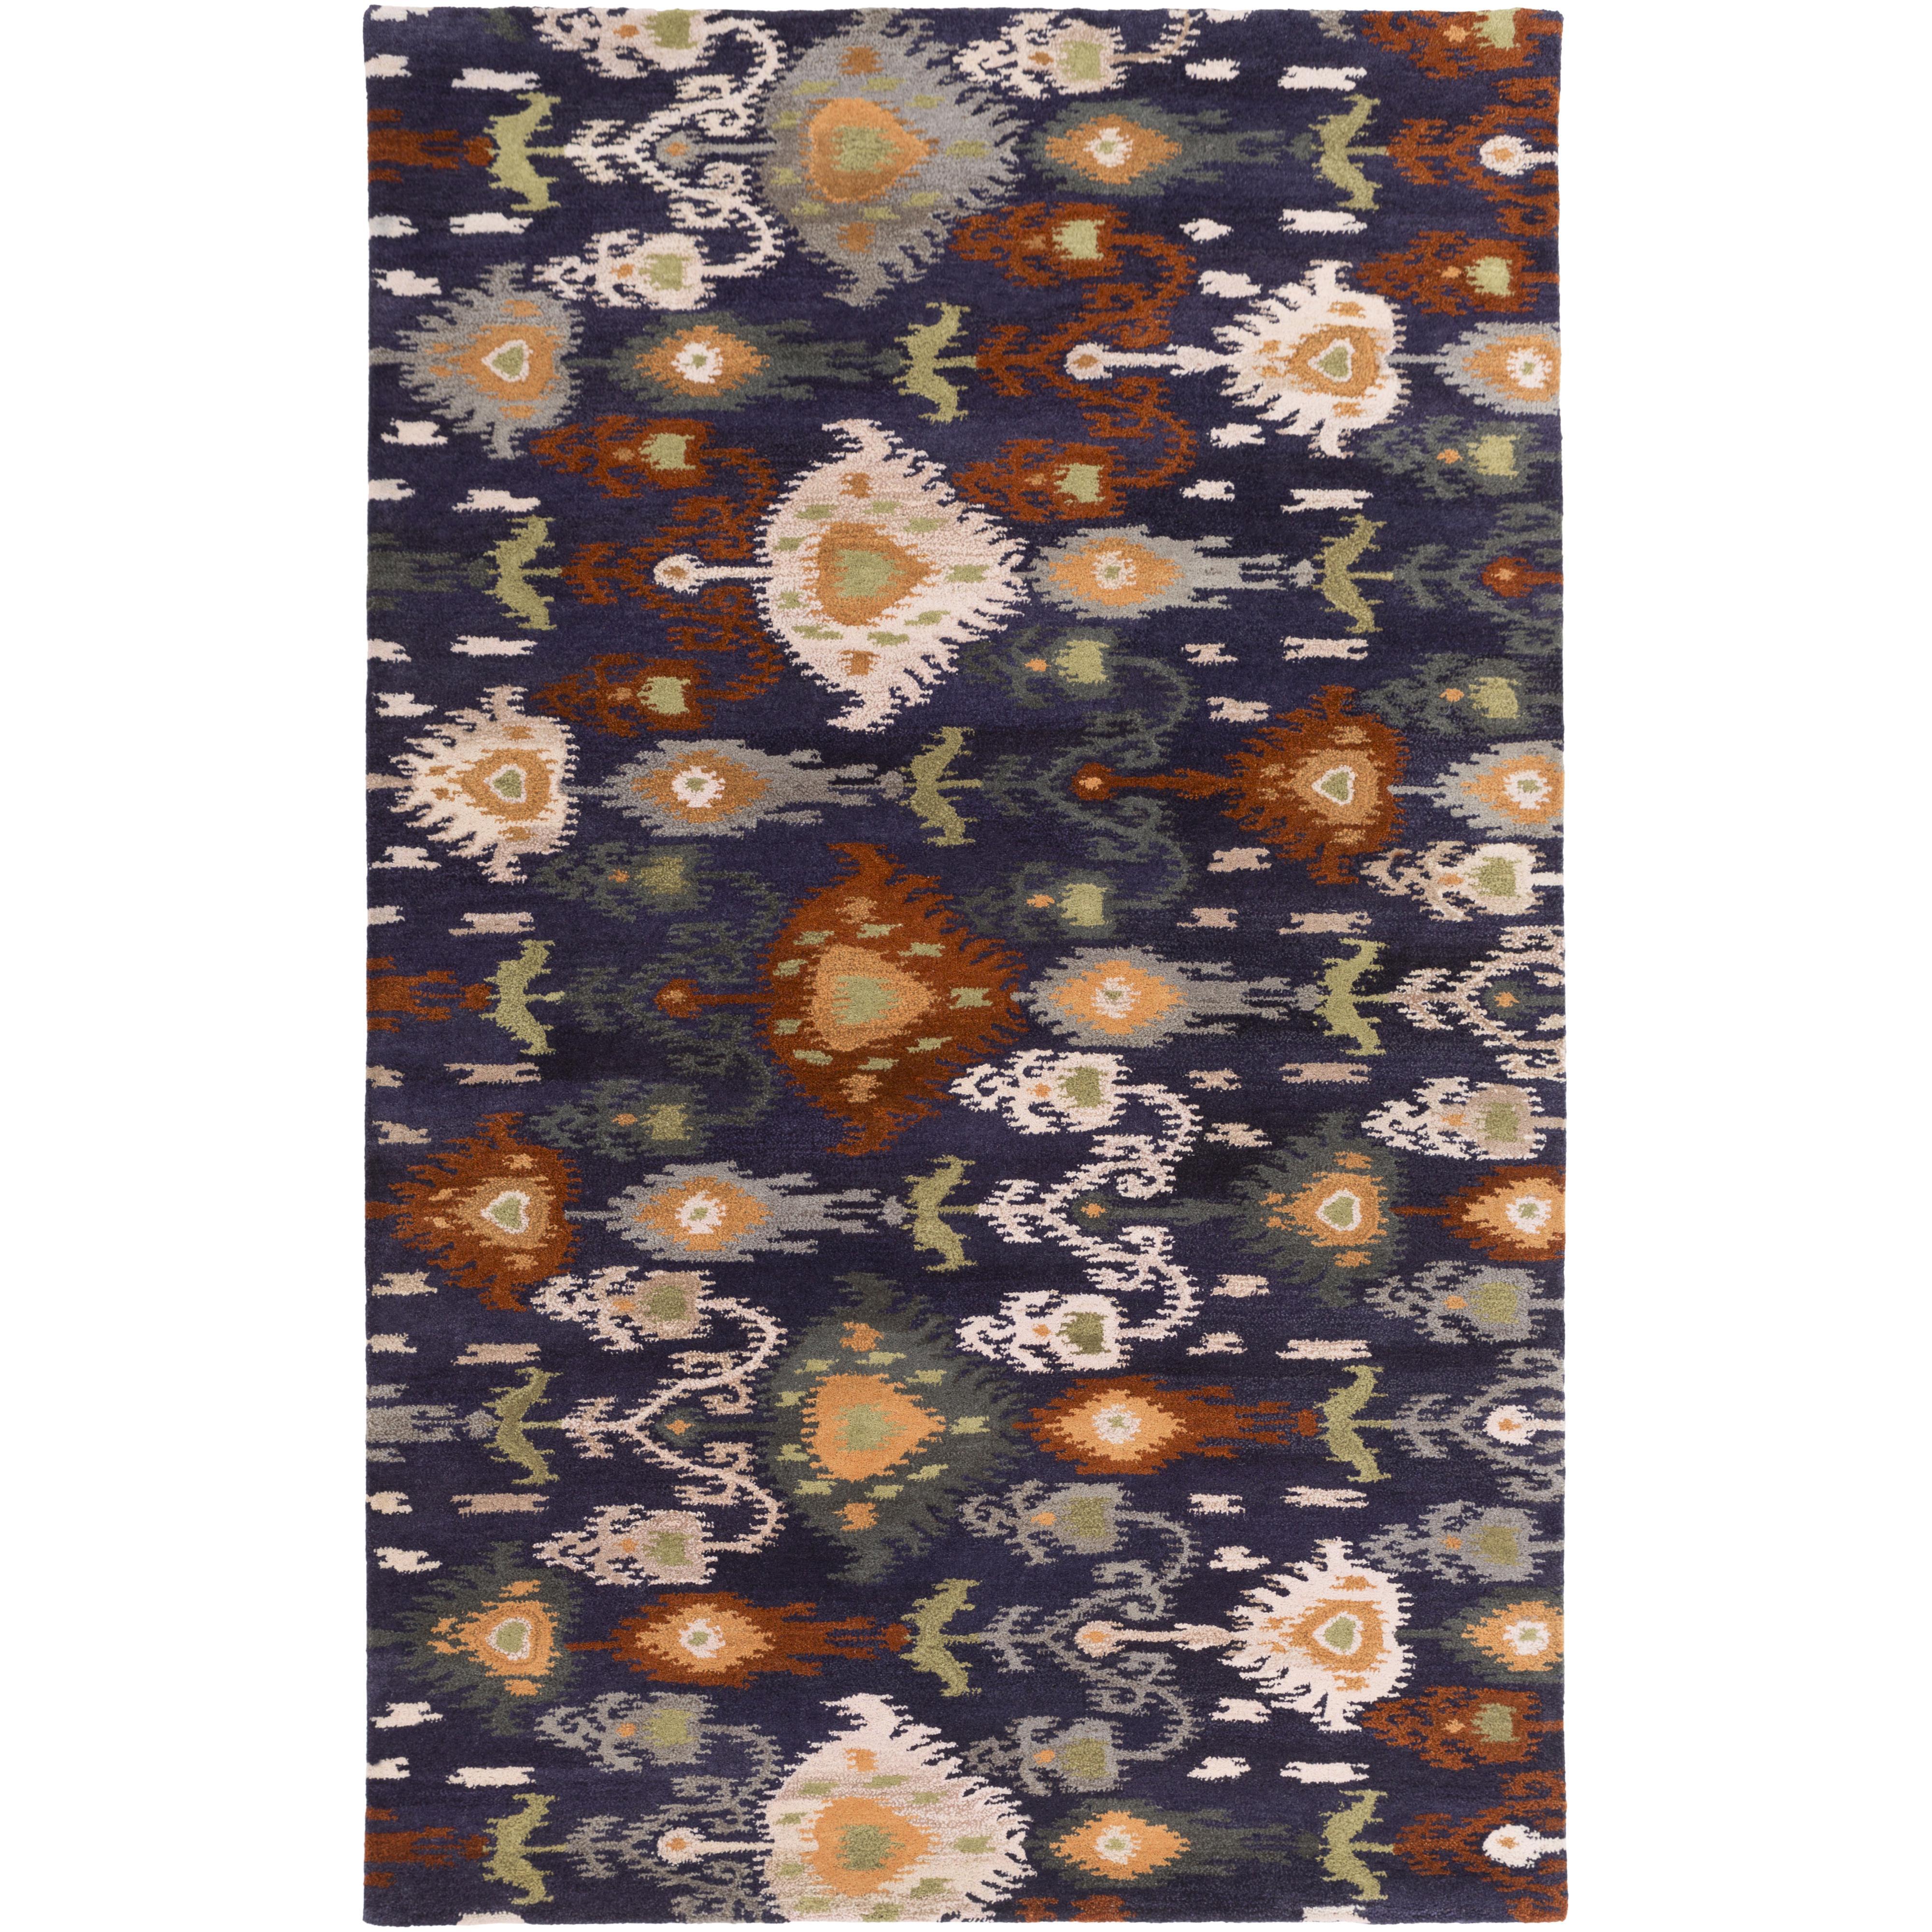 Surya Rugs Surroundings 9' x 13' - Item Number: SUR1018-913